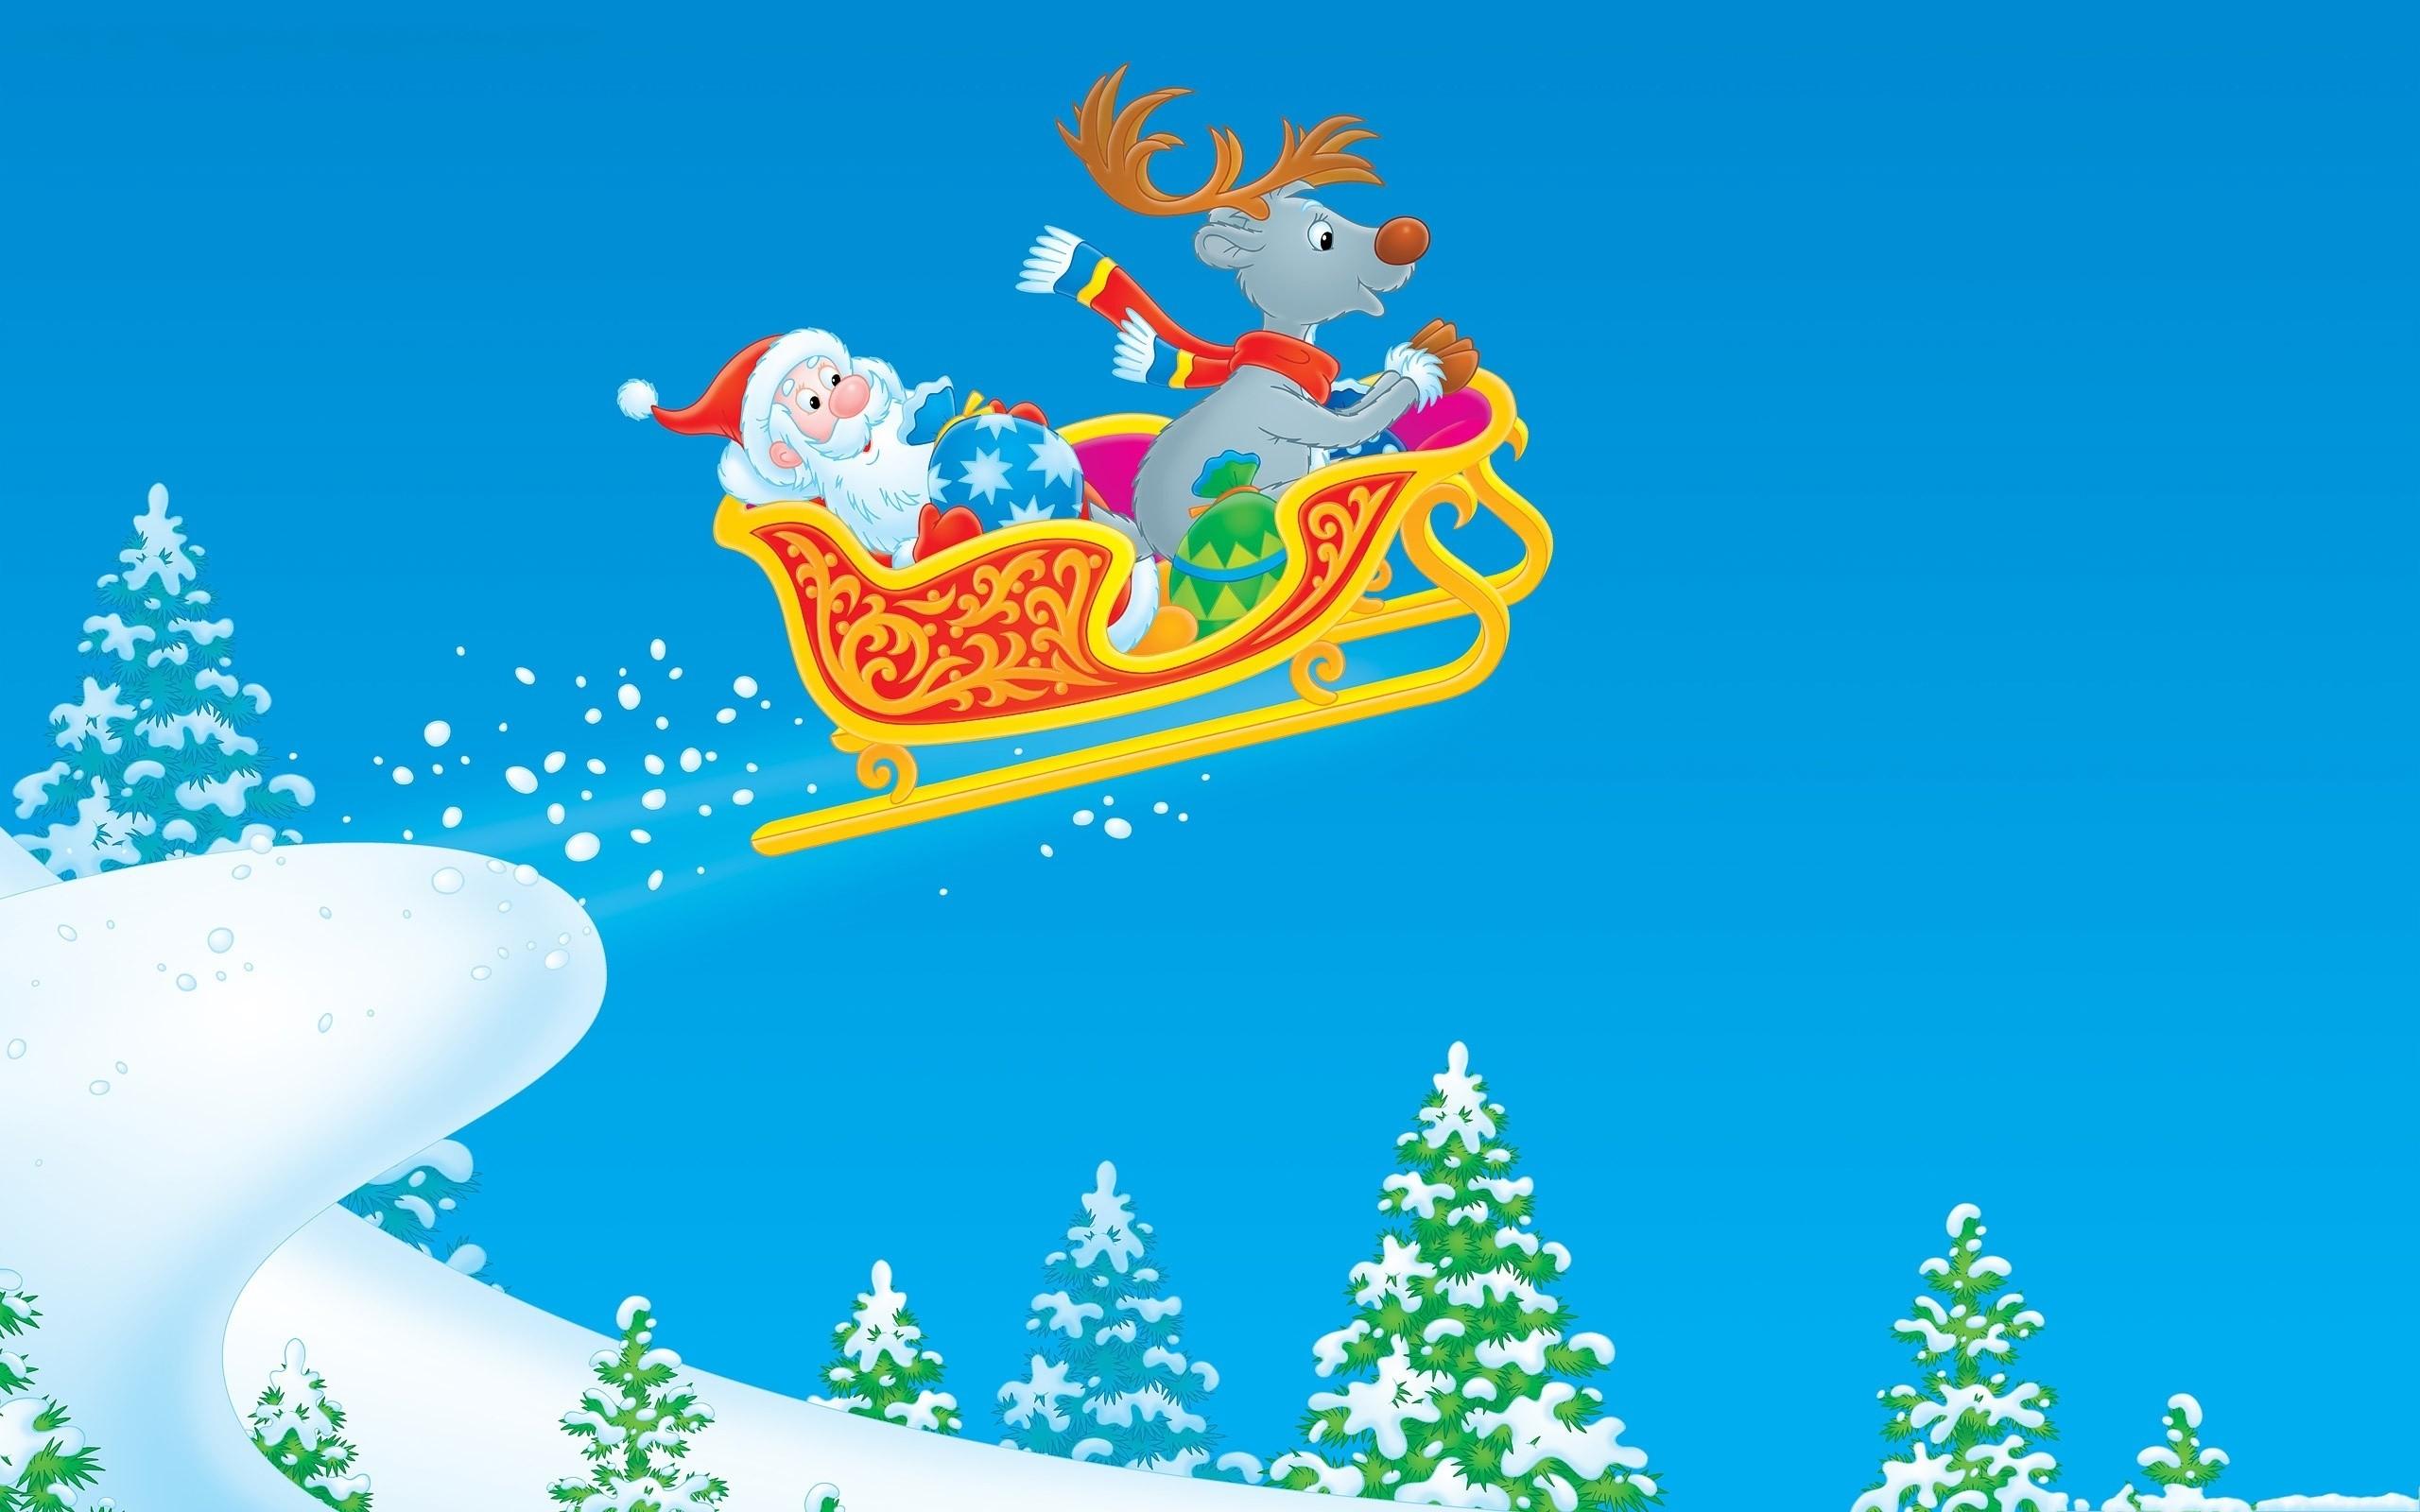 Dibujo de Santa Claus en trineo - 2560x1600